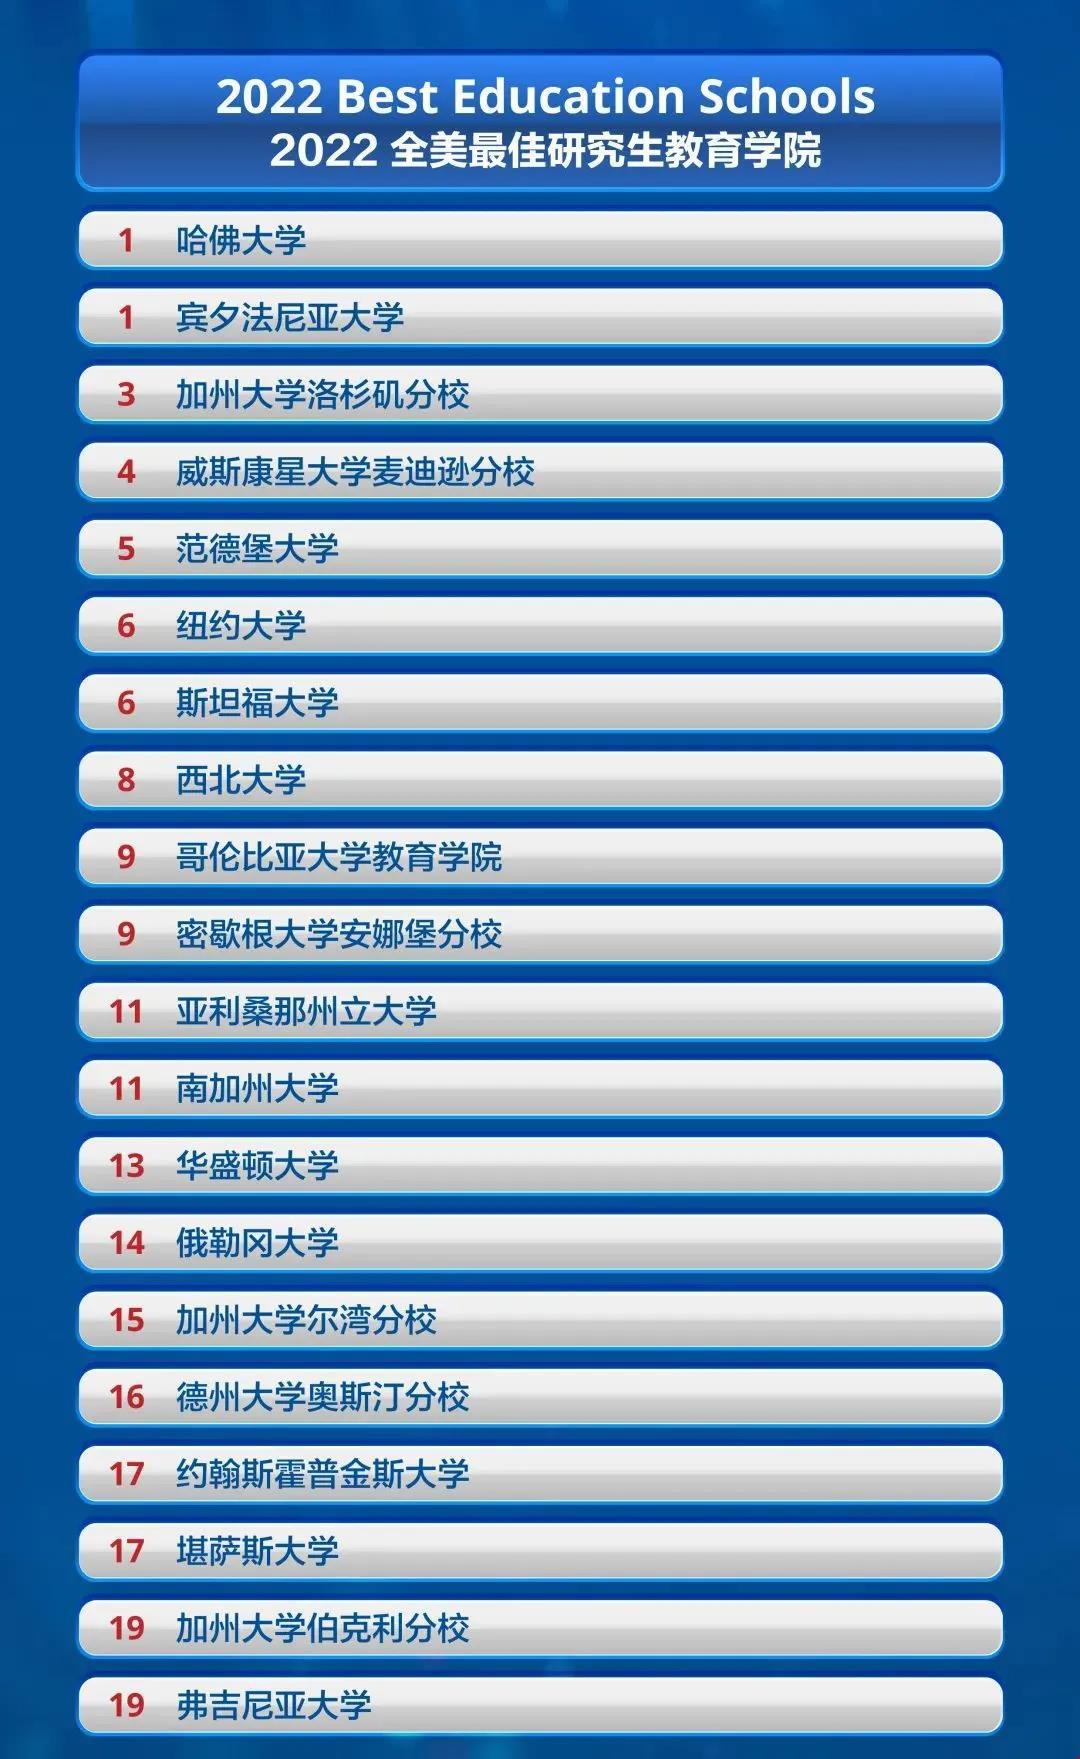 前20名研究生教育学院完整榜单